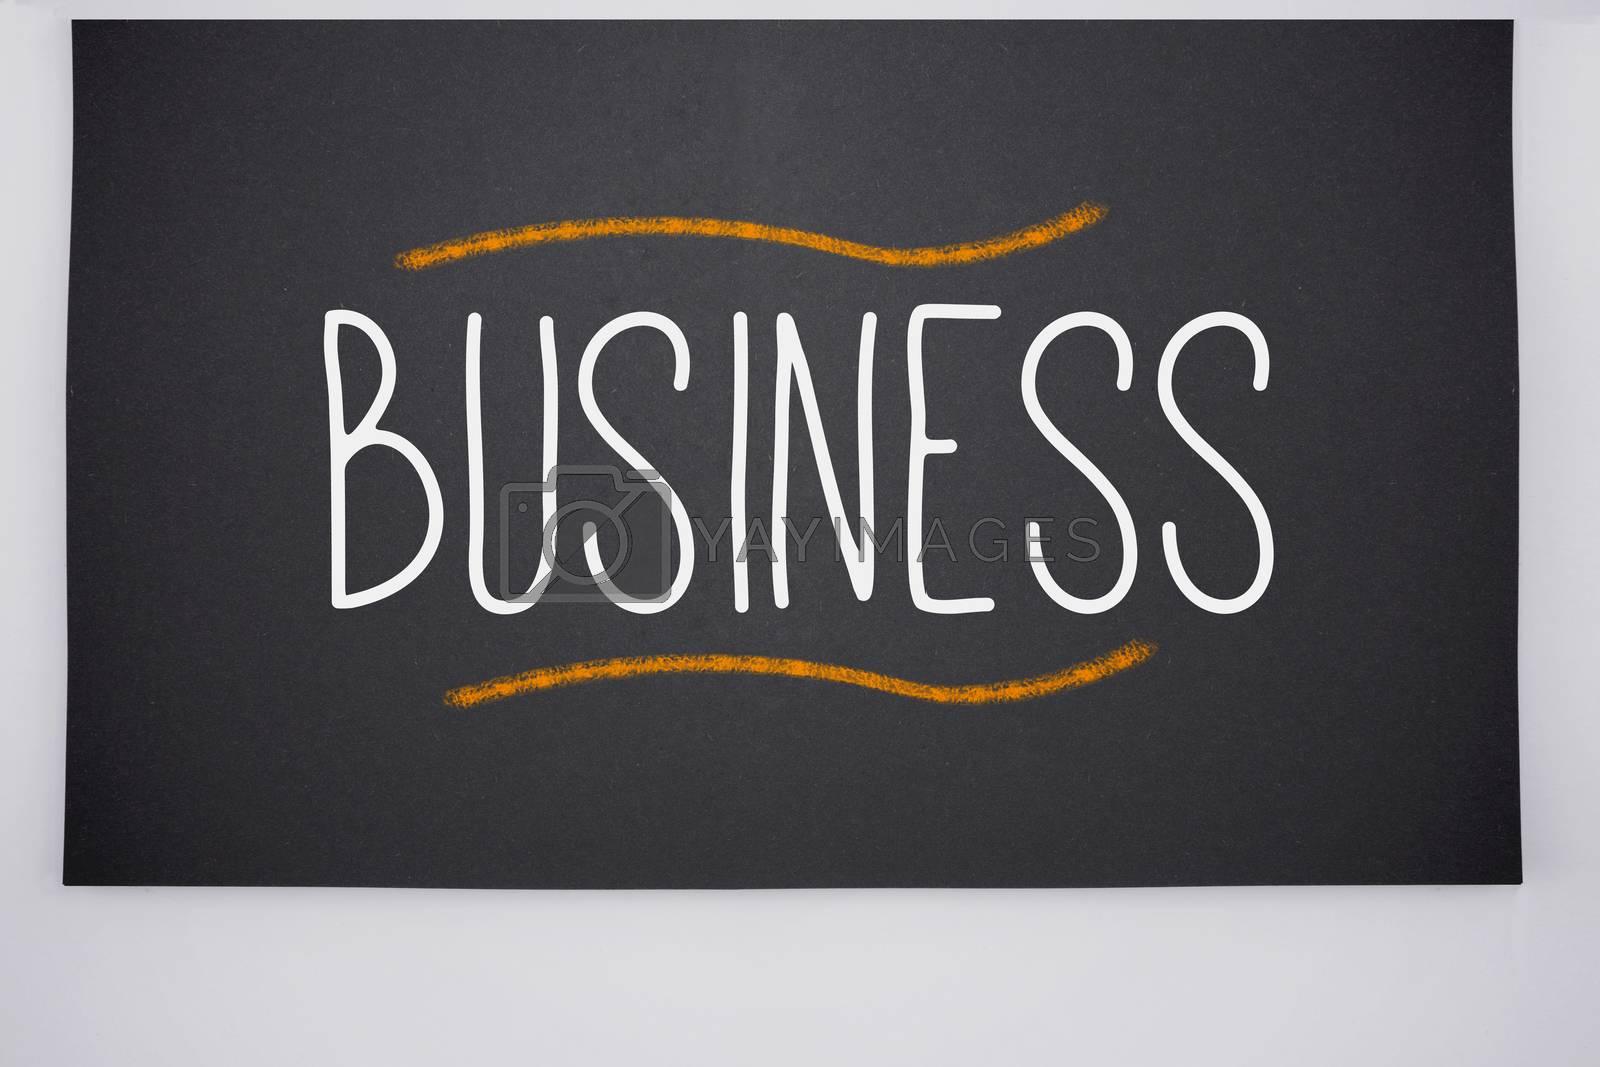 Business written on big blackboard by Wavebreakmedia